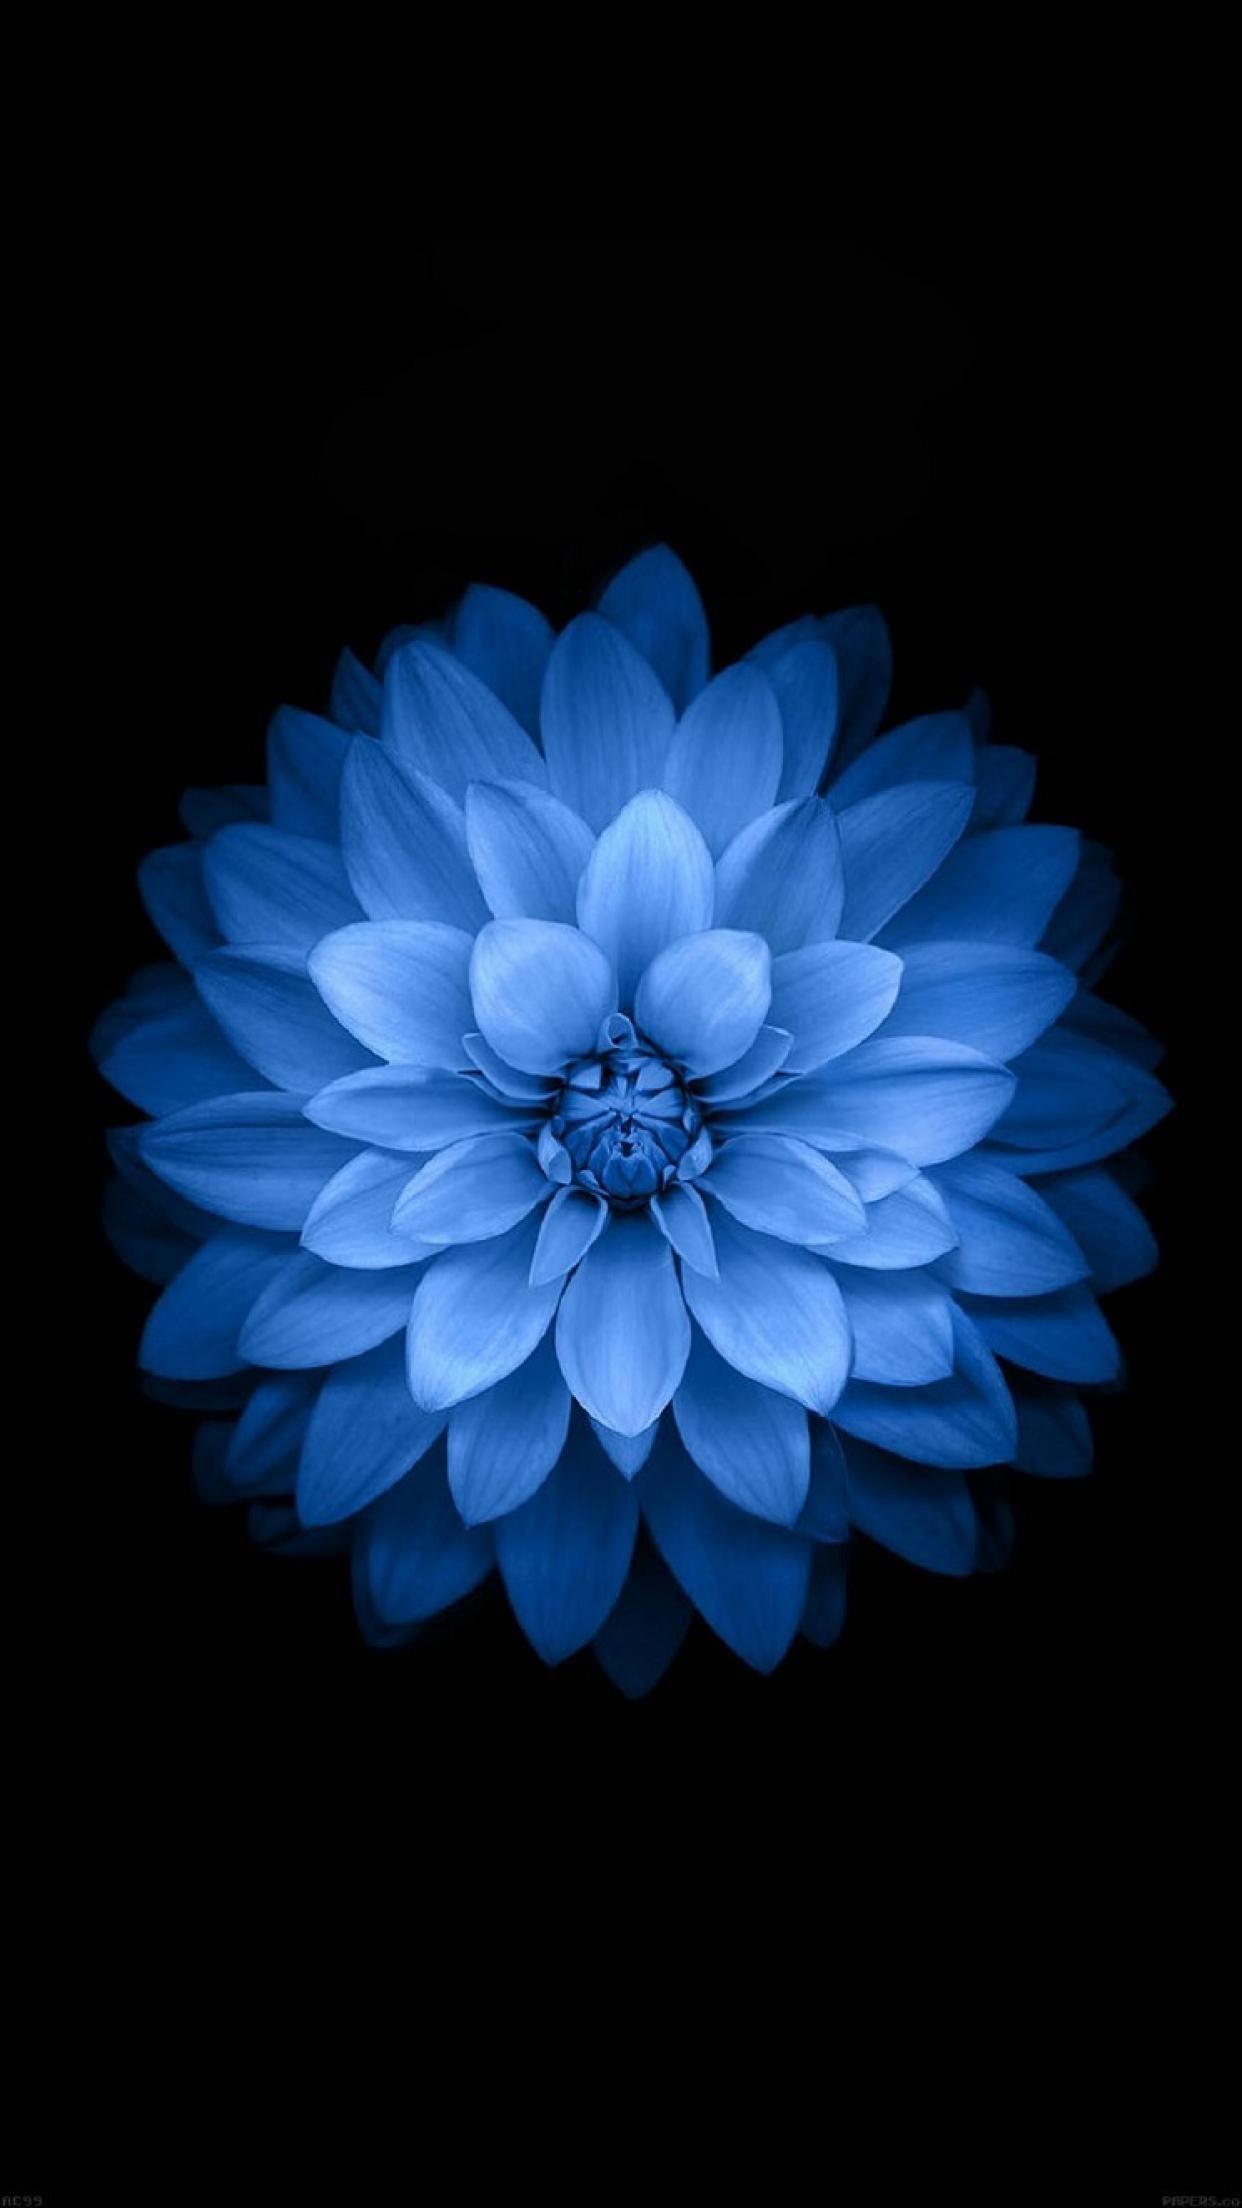 Iphone 6 Wallpaper Flower Iphone Wallpaper Blue Flower Wallpaper Lotus Flower Wallpaper